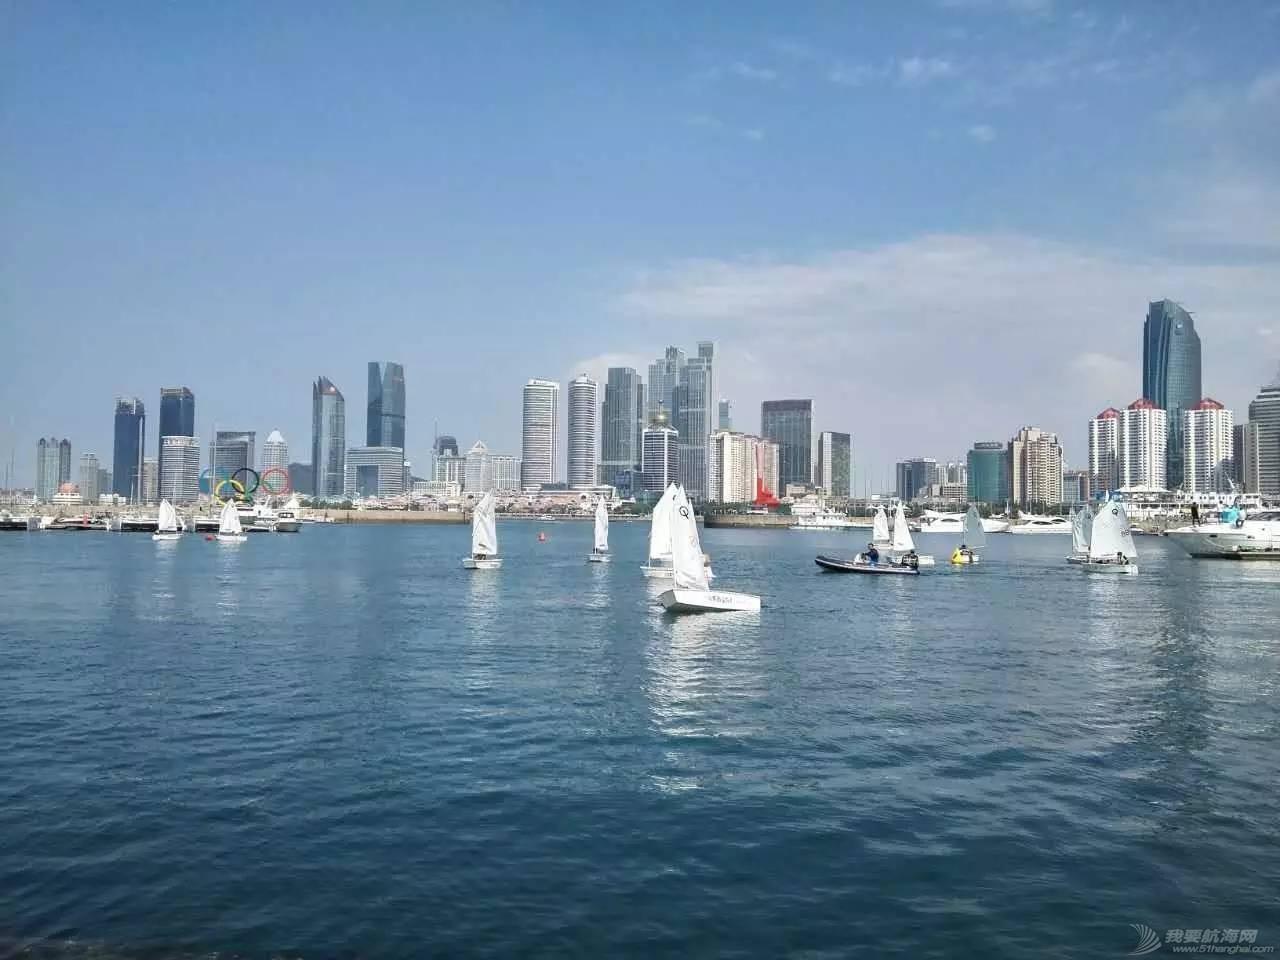 【深度解读】小帆船 大梦想丨为什么让青少年学习帆船? 8038ba02b494a48992a6f77244358cb6.jpg